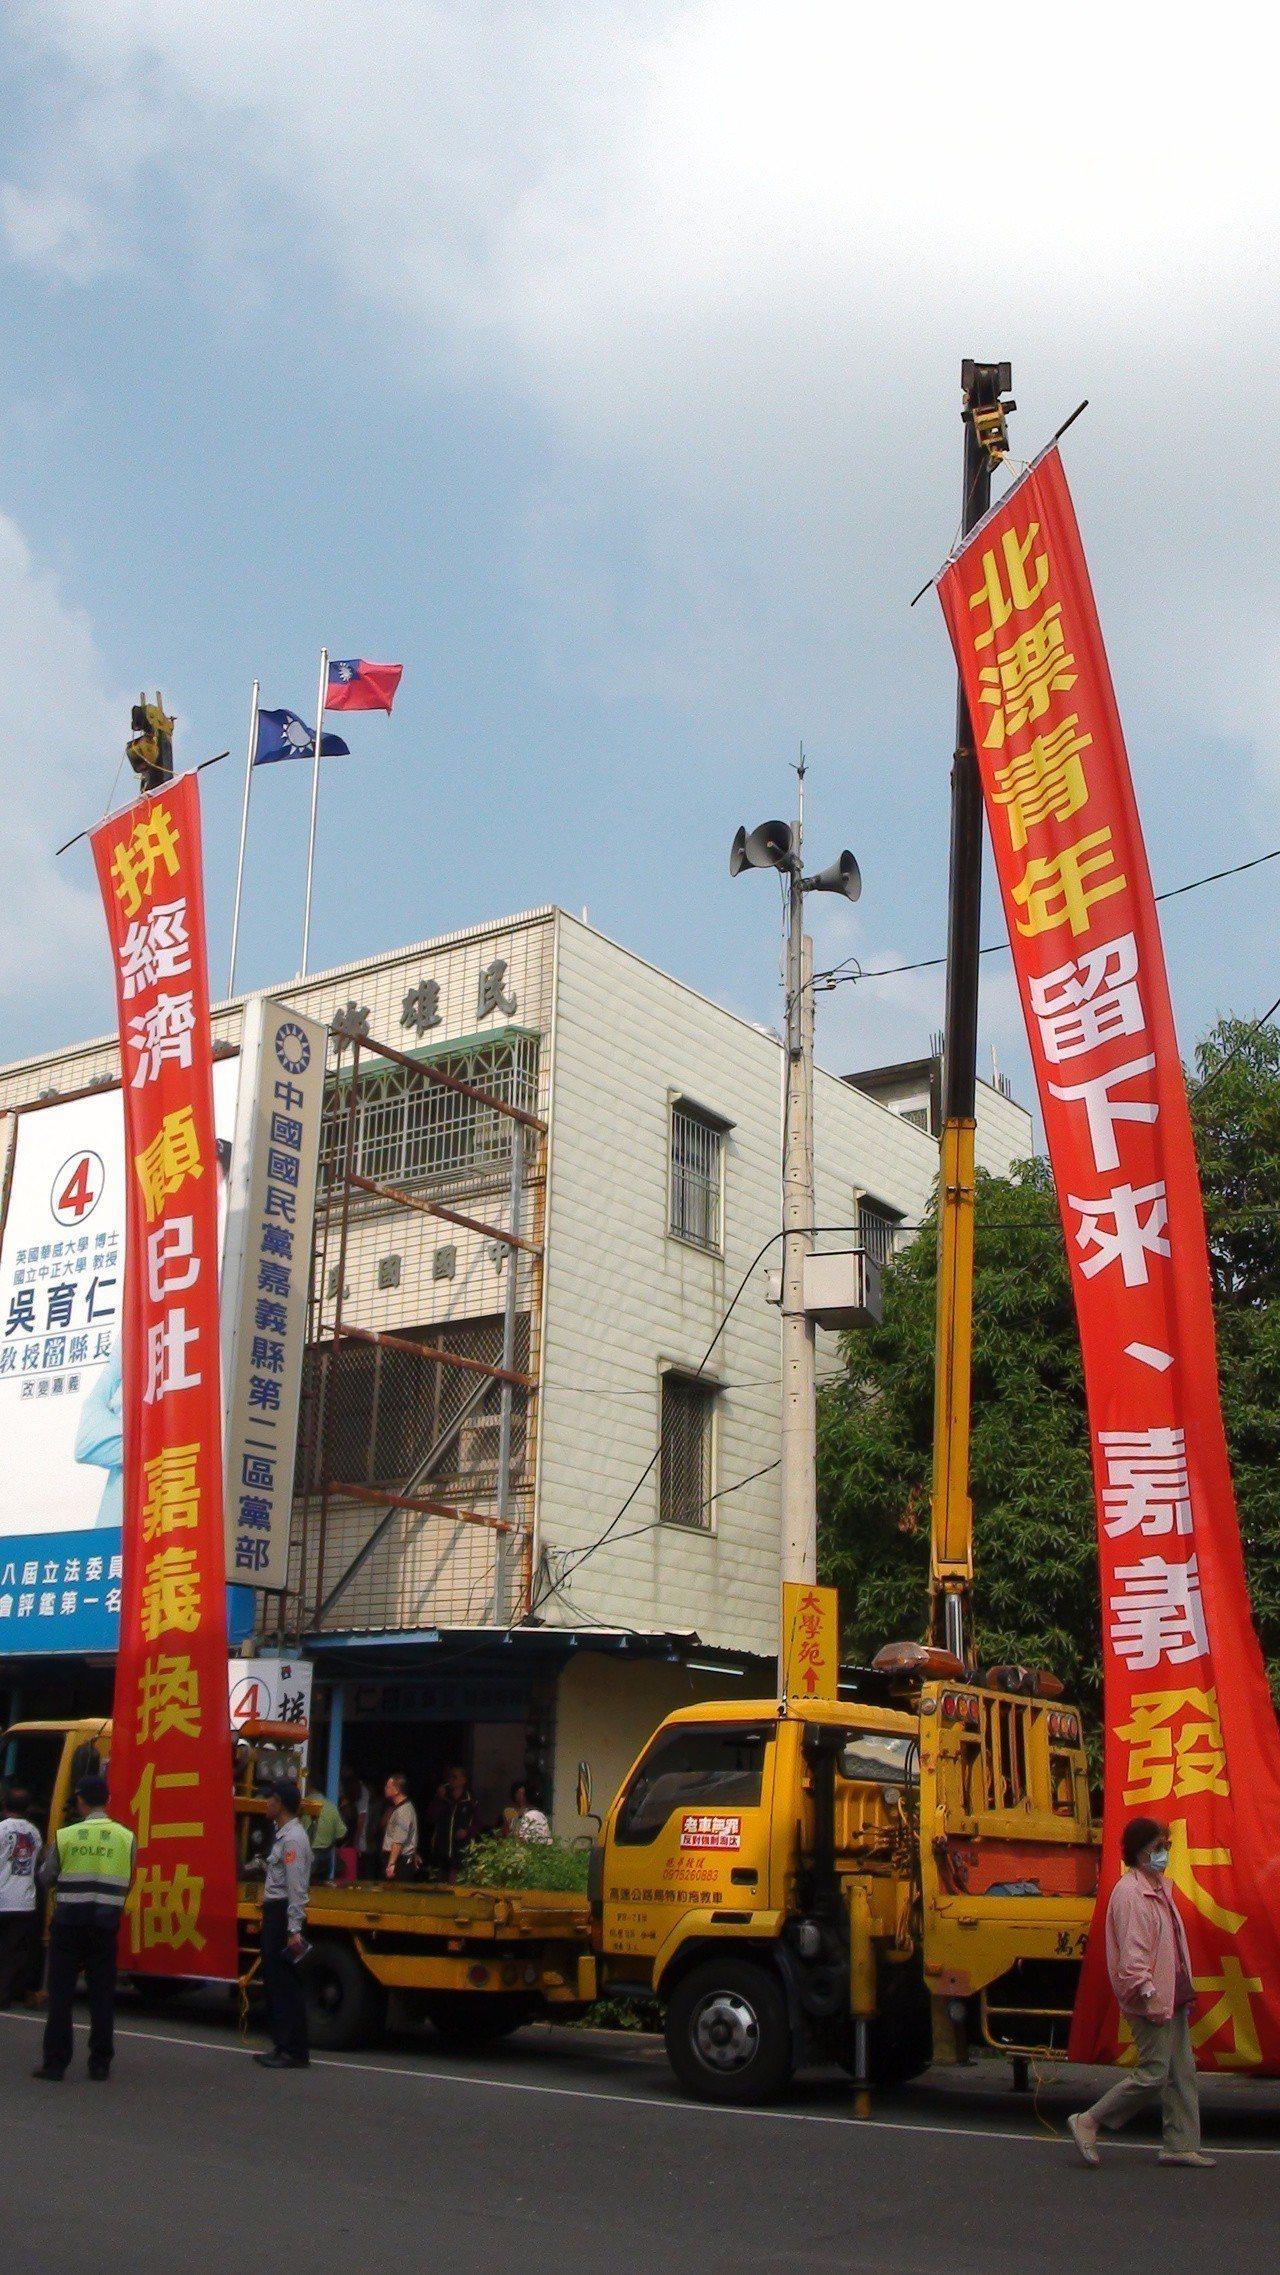 反對強制淘汰老車人士出動吊車掛巨幅布條助選。記者謝恩得/攝影